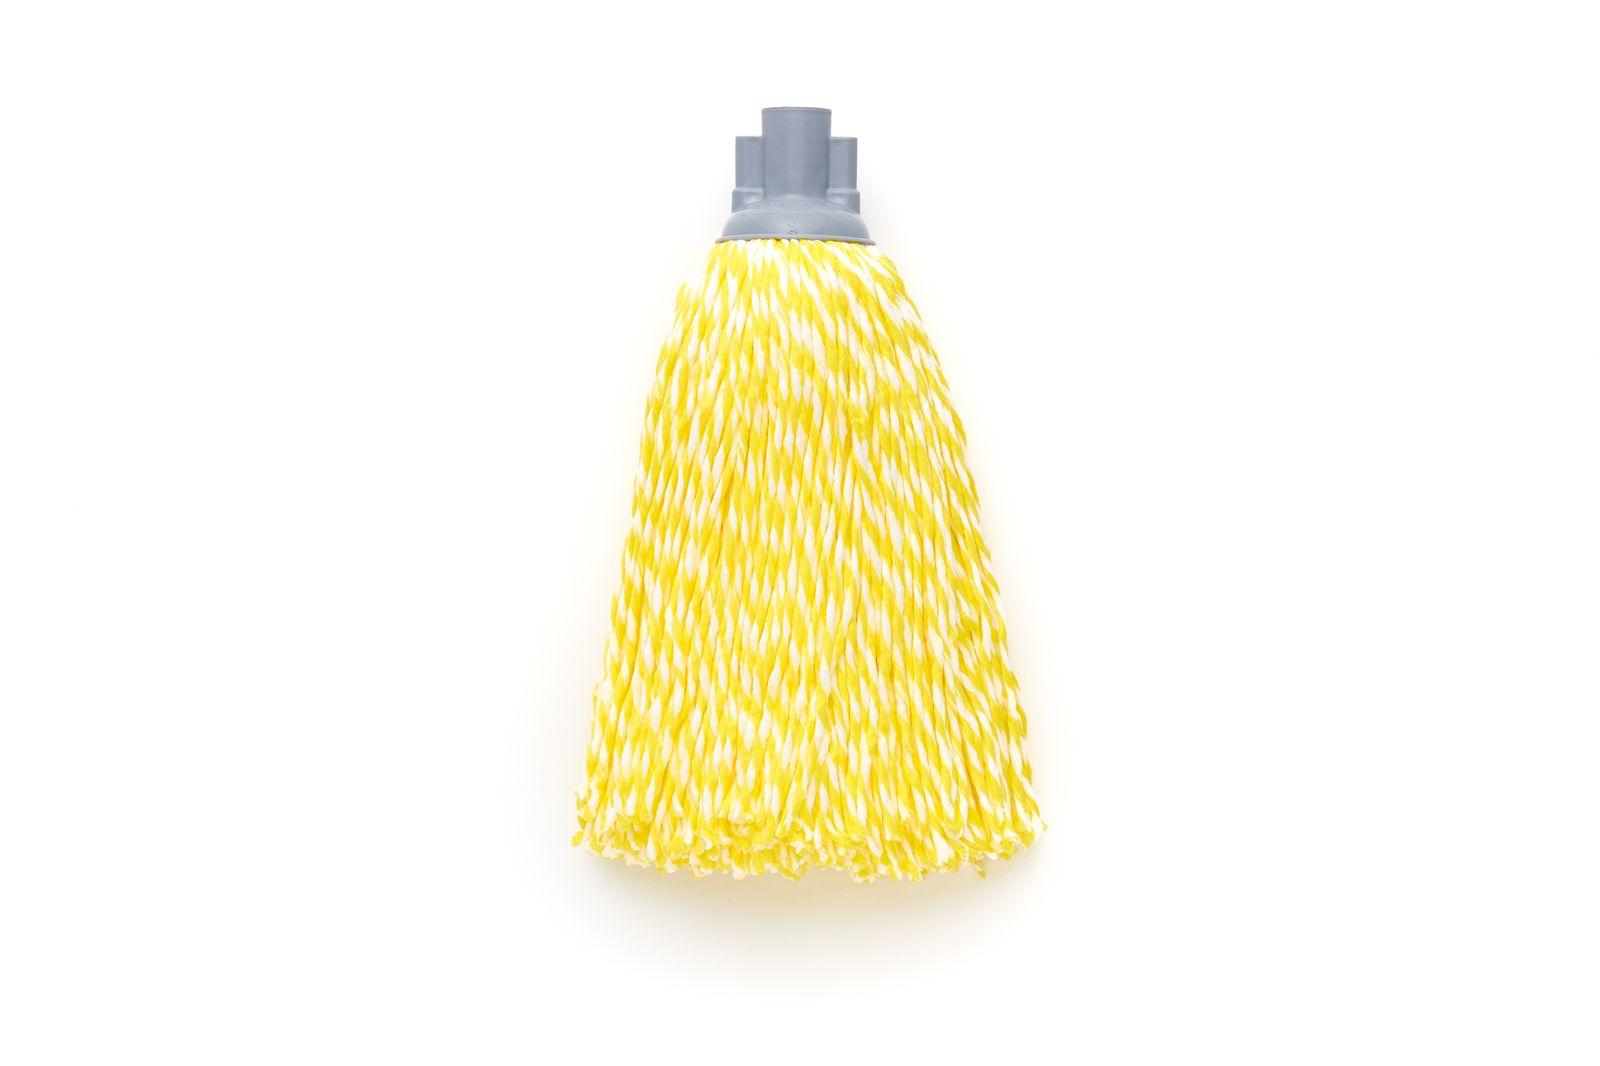 Насадка для швабры с резьбой верёвочная микрофибра жёлтый/белый 150г по цене 358